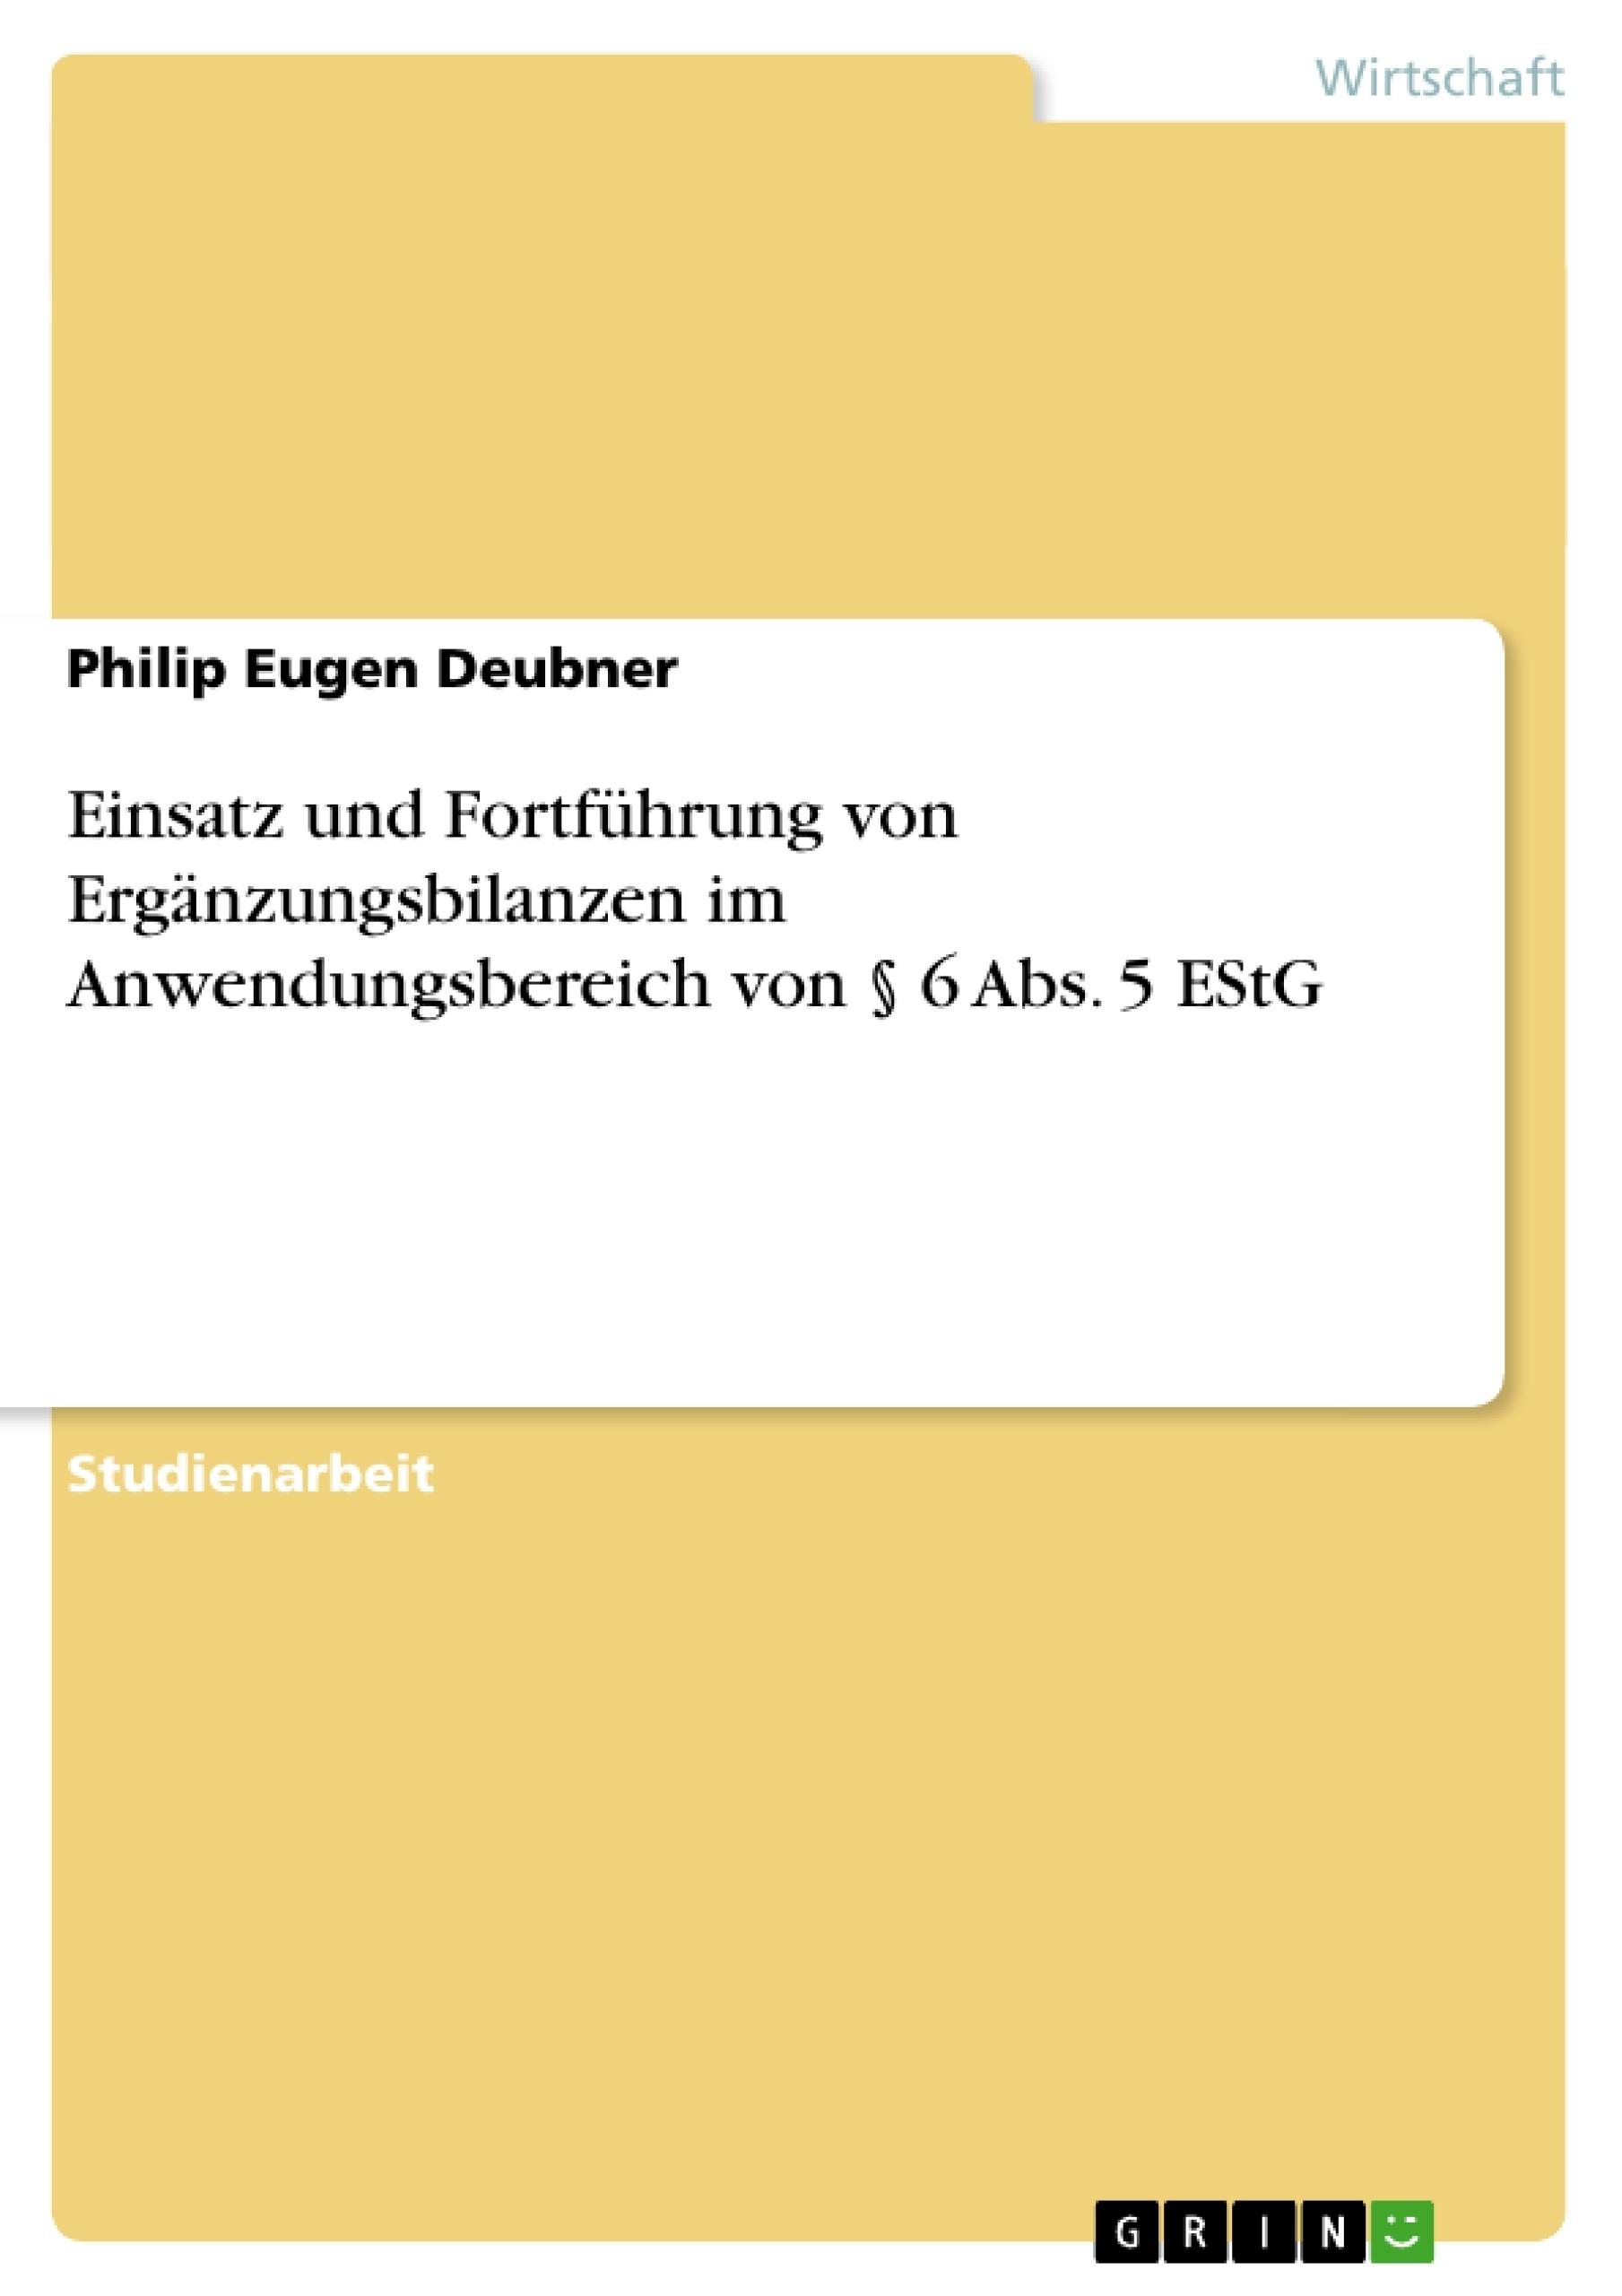 Titel: Einsatz und Fortführung von Ergänzungsbilanzen im Anwendungsbereich von § 6 Abs. 5 EStG